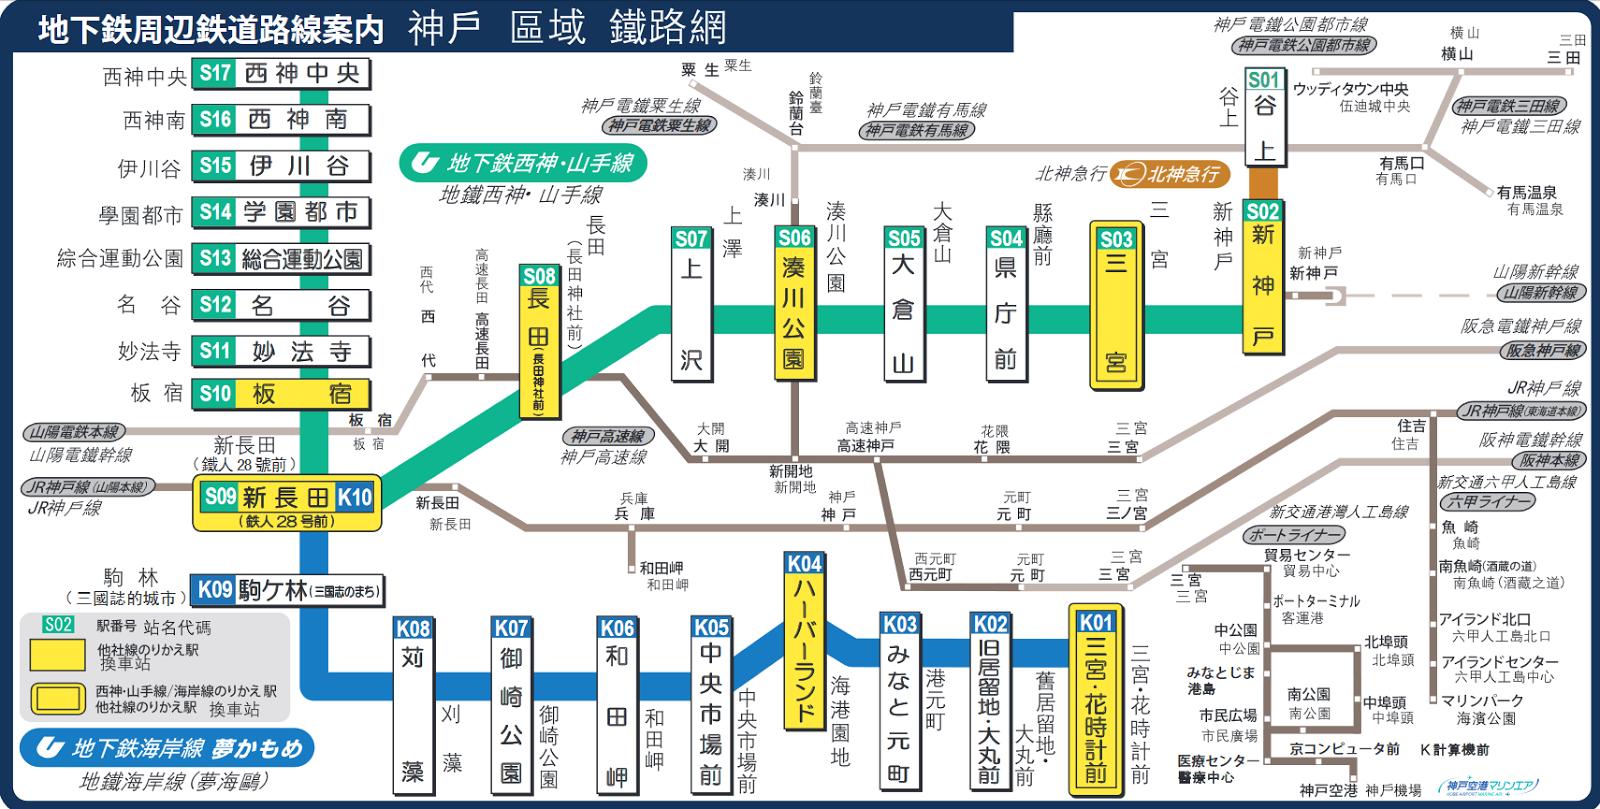 神戶-神戶交通-推薦-優惠券-觀光巴士-公車-地鐵-地圖-私鐵-JR-關西-日本-自由行-介紹-神戶交通攻略-Kobe-Public-Transport